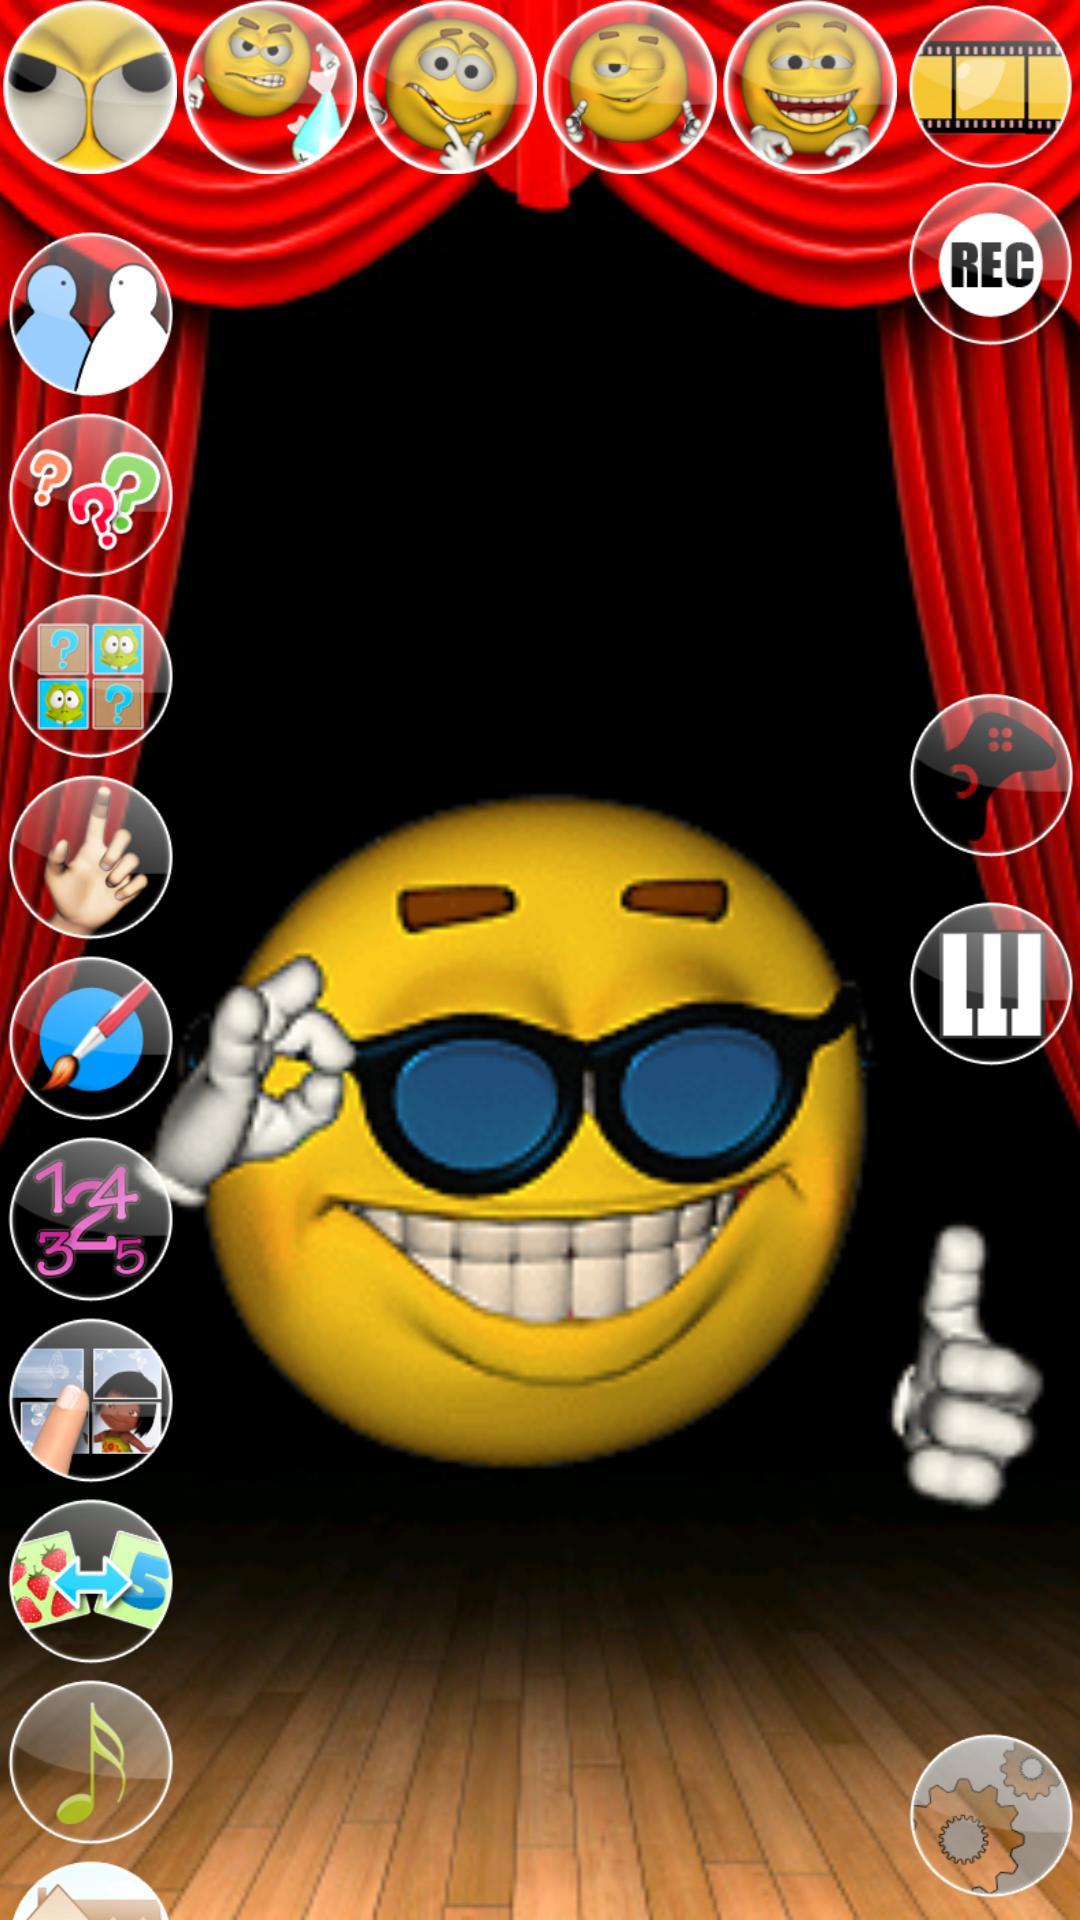 Talking Smiling Simon screenshot 4